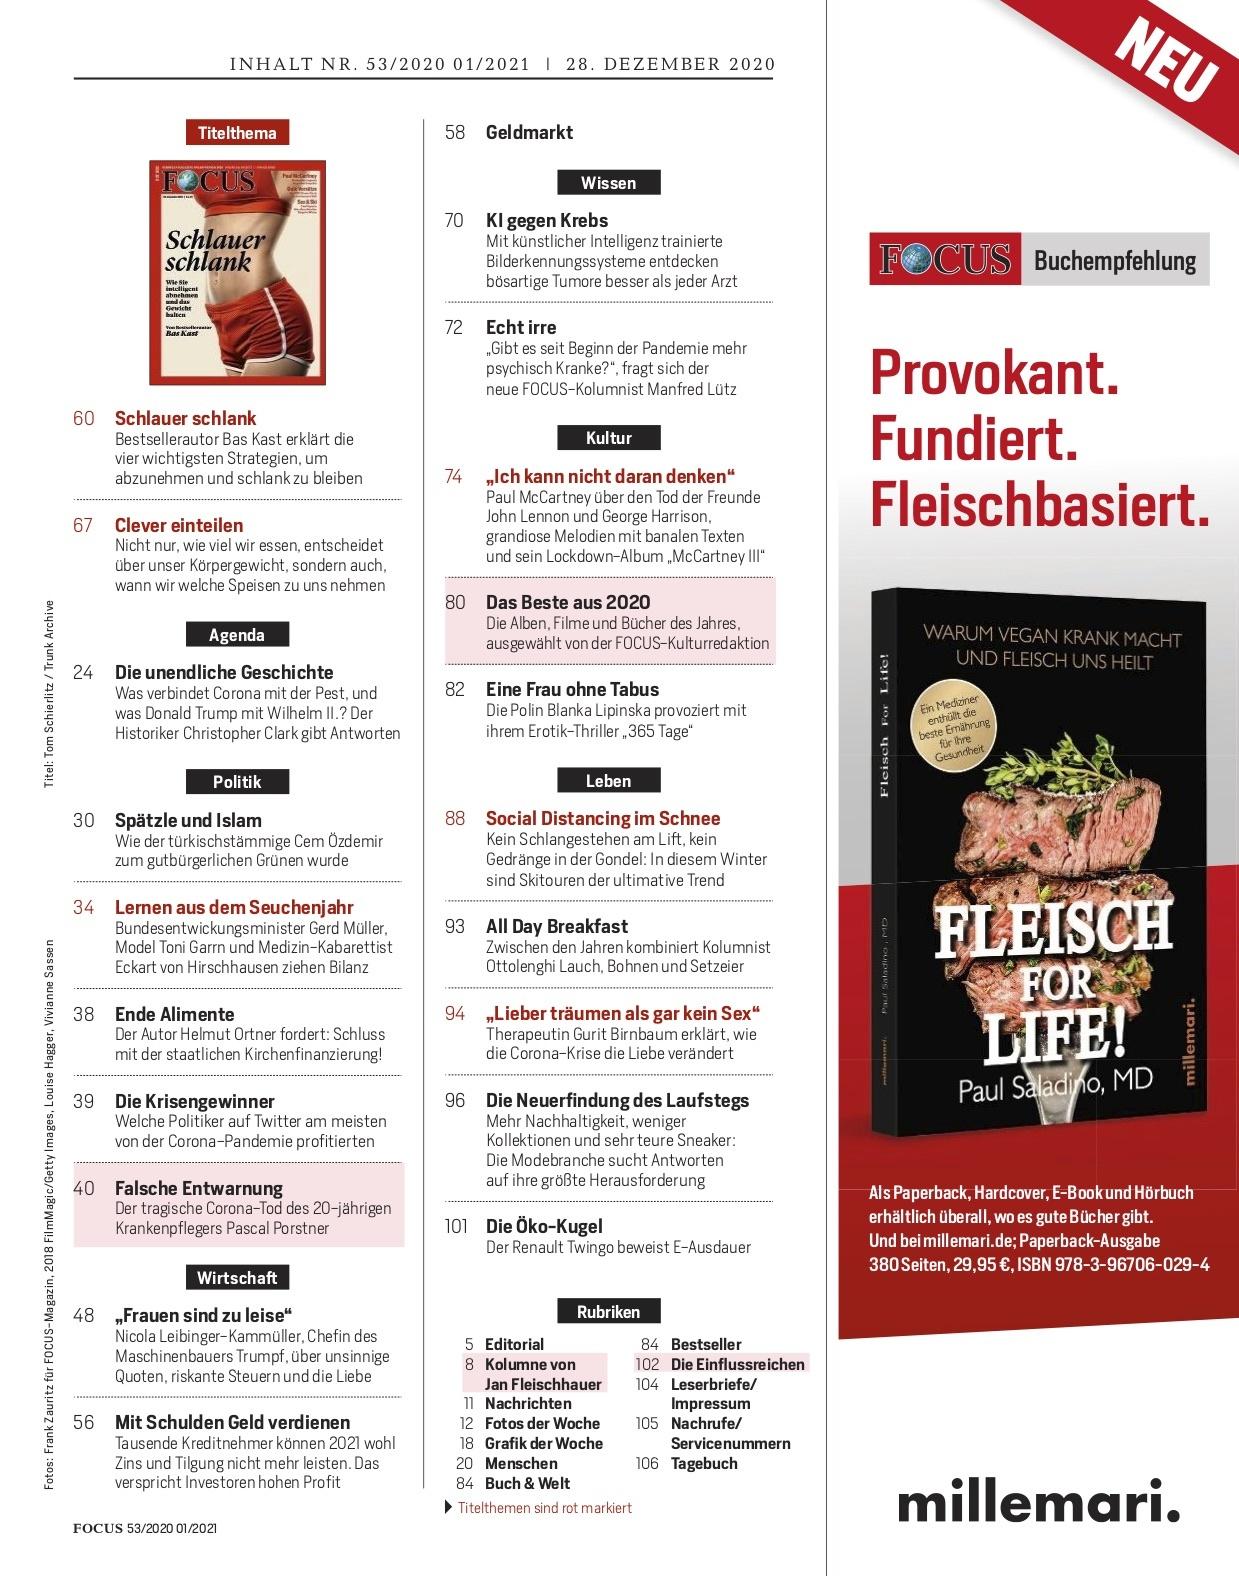 FOCUS Magazin FOCUS Magazin - Schlauer schlank